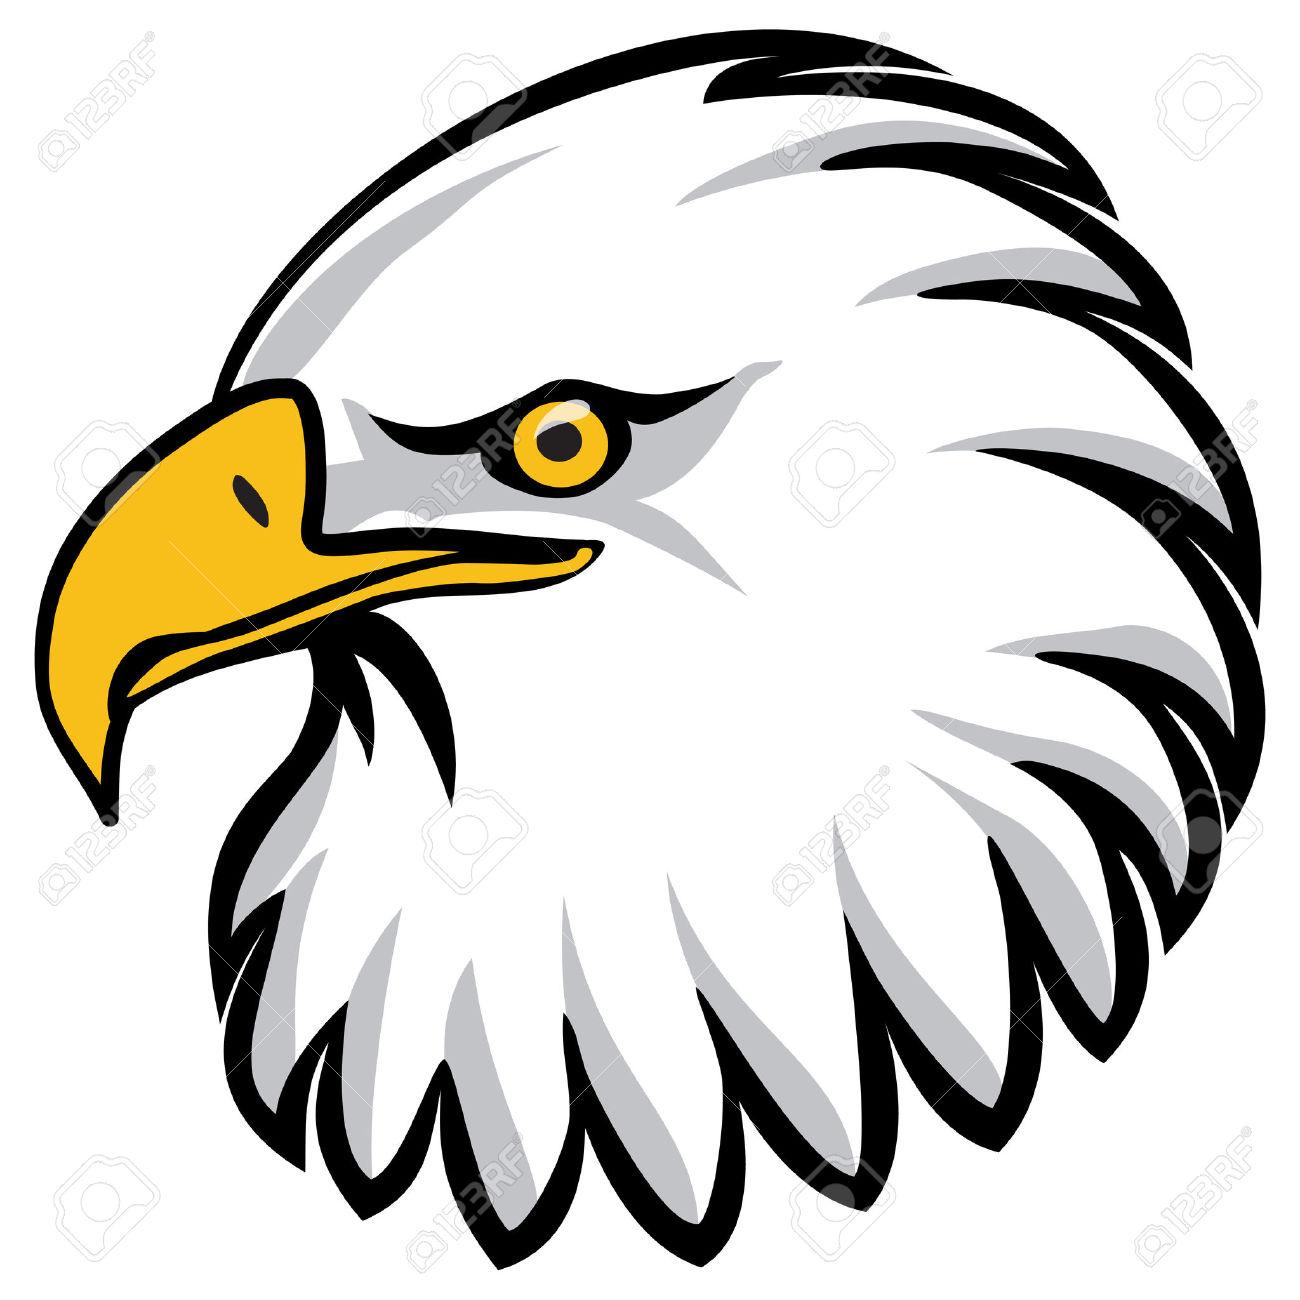 Air force . Eagle clipart